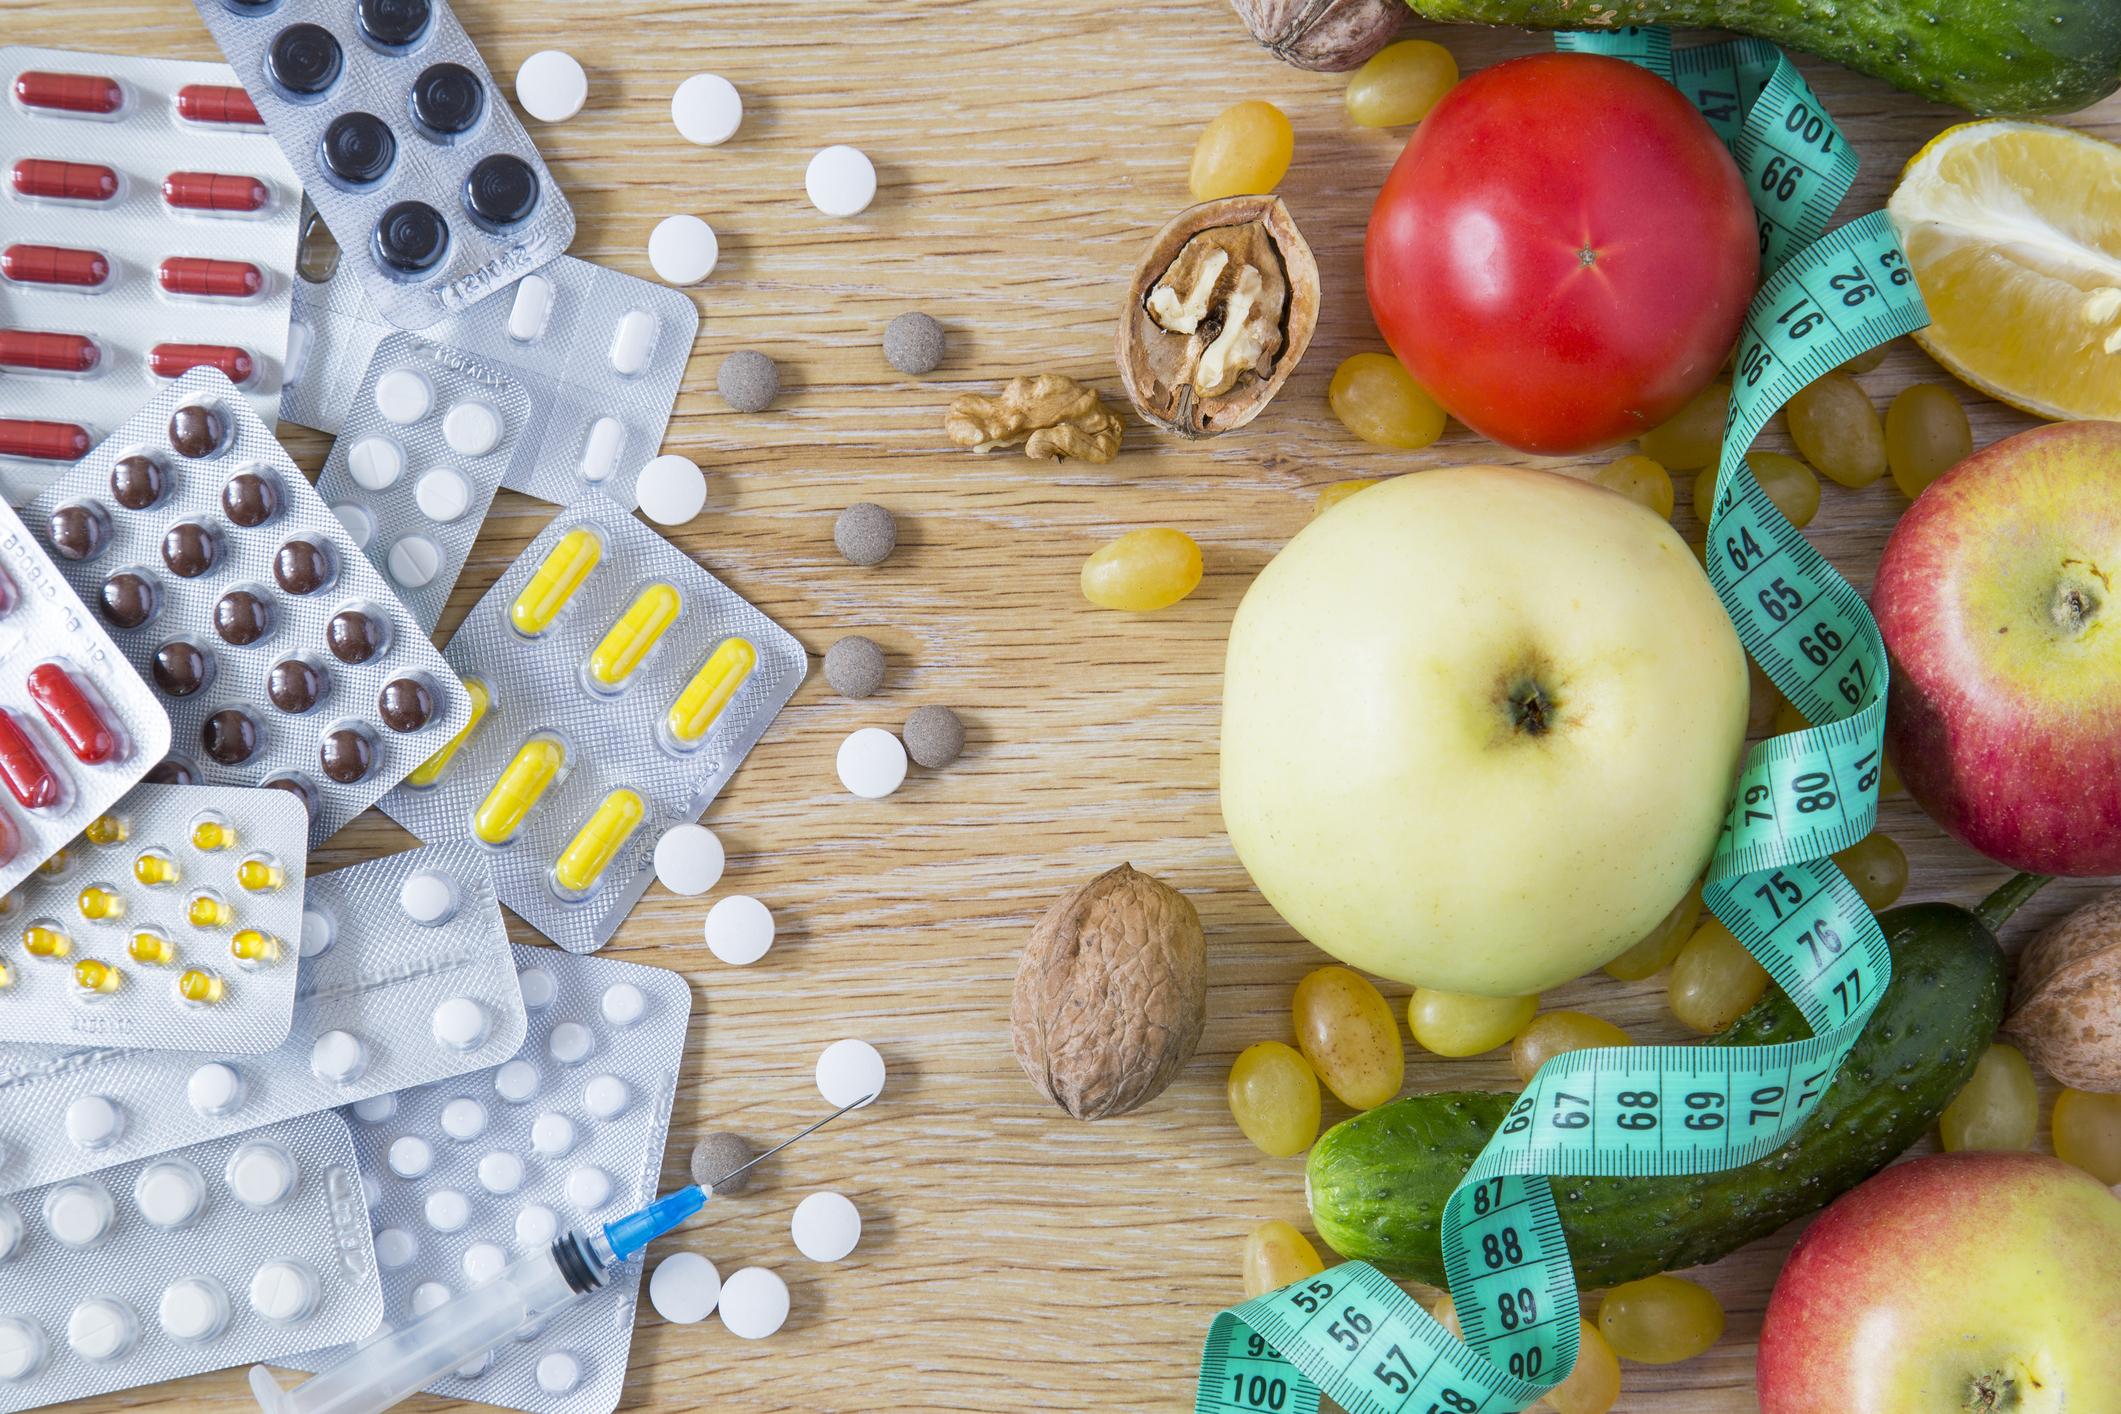 Vitamine und Obst auf dem Tisch